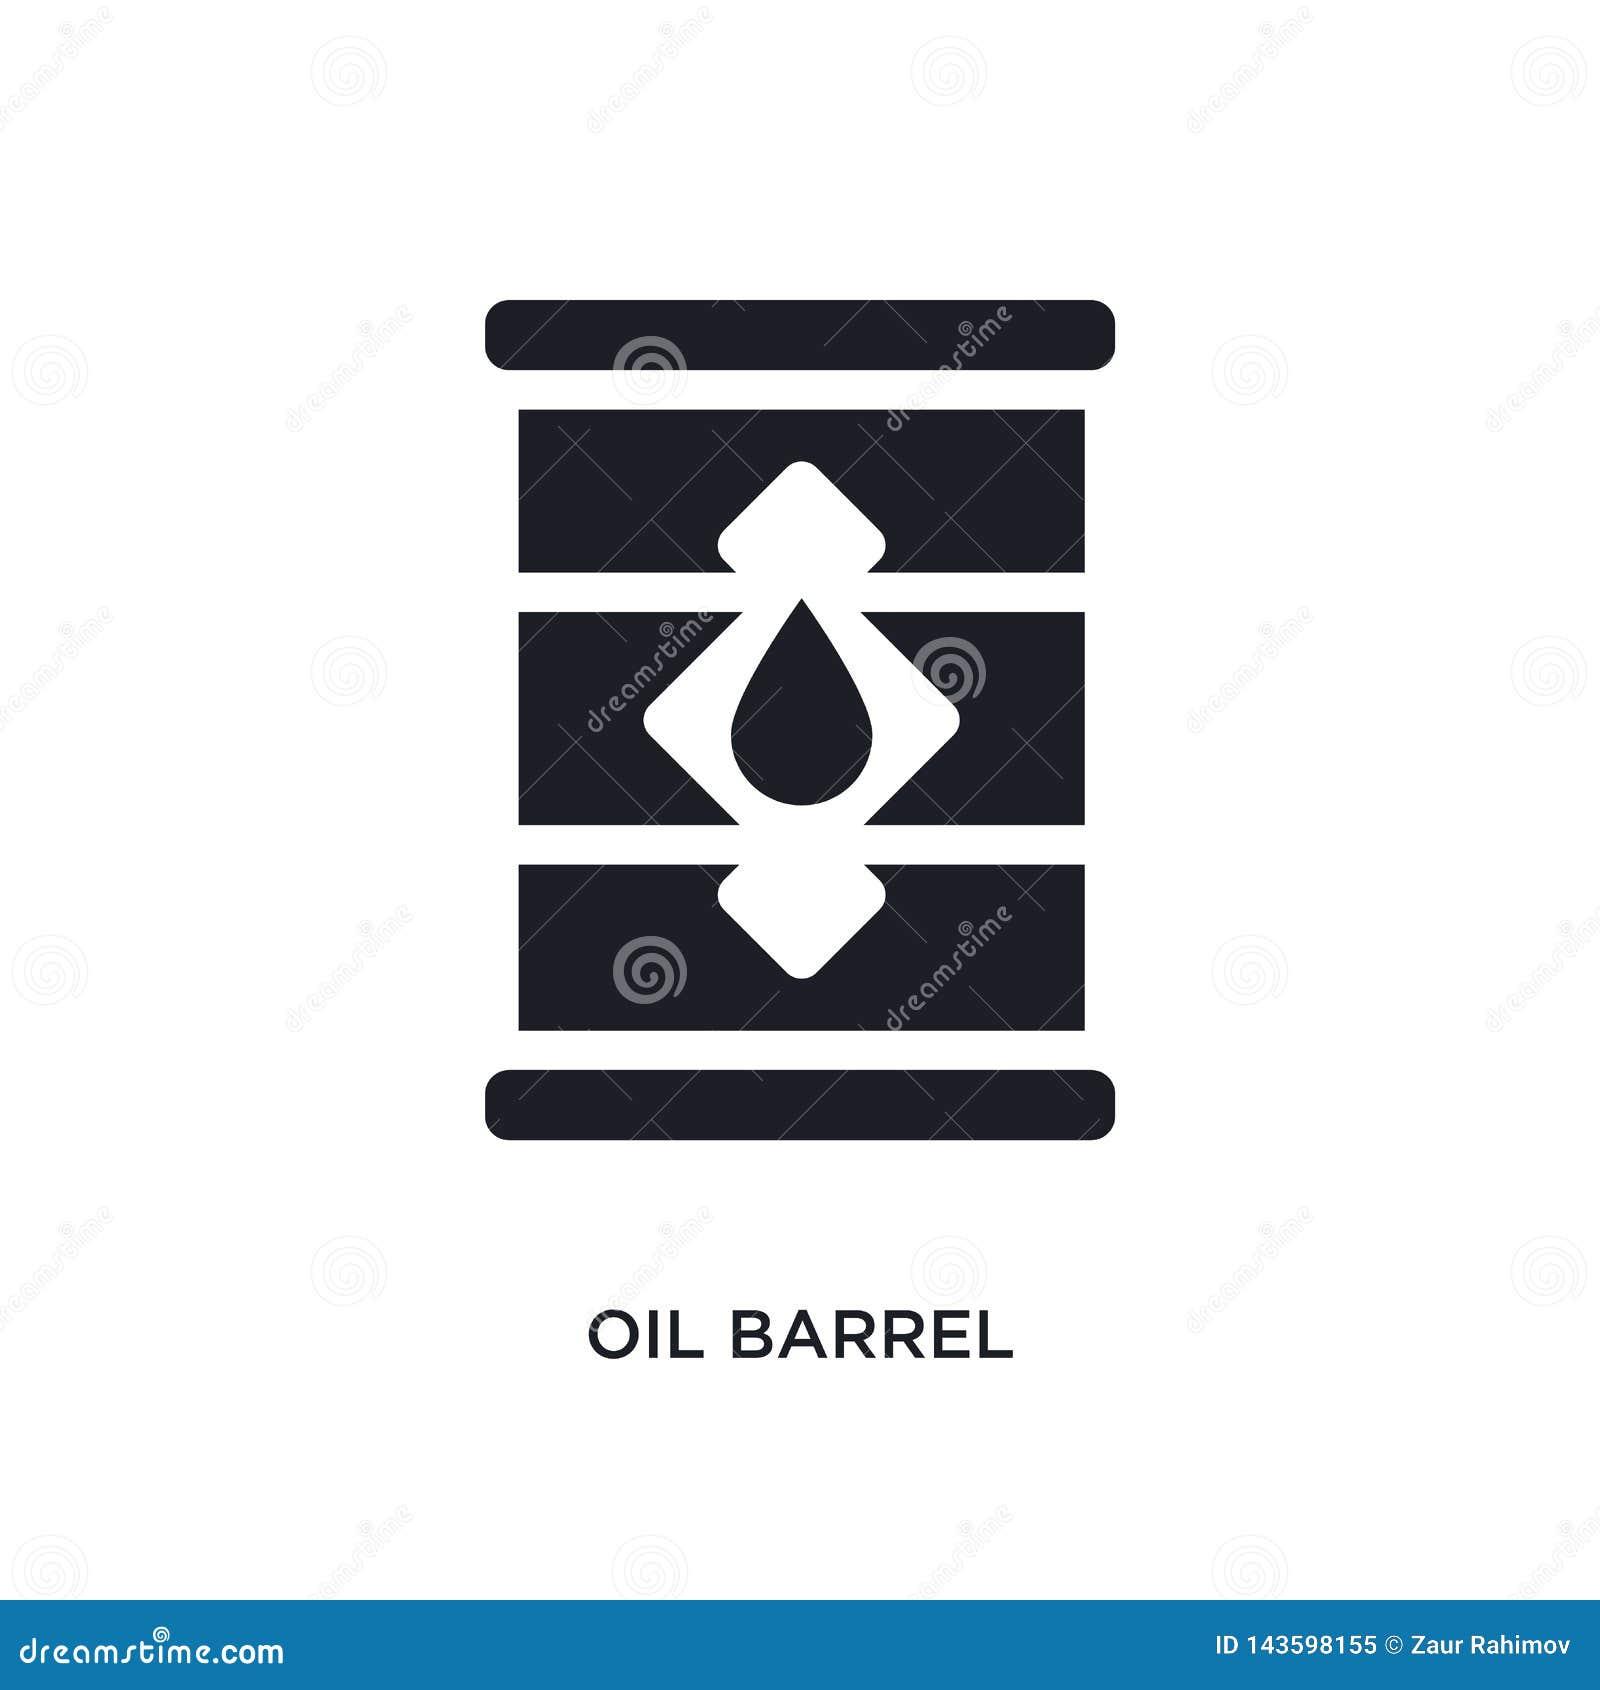 Svart symbol för vektor för oljatrumma isolerad enkel beståndsdelillustration från symboler för branschbegreppsvektor redigerbar